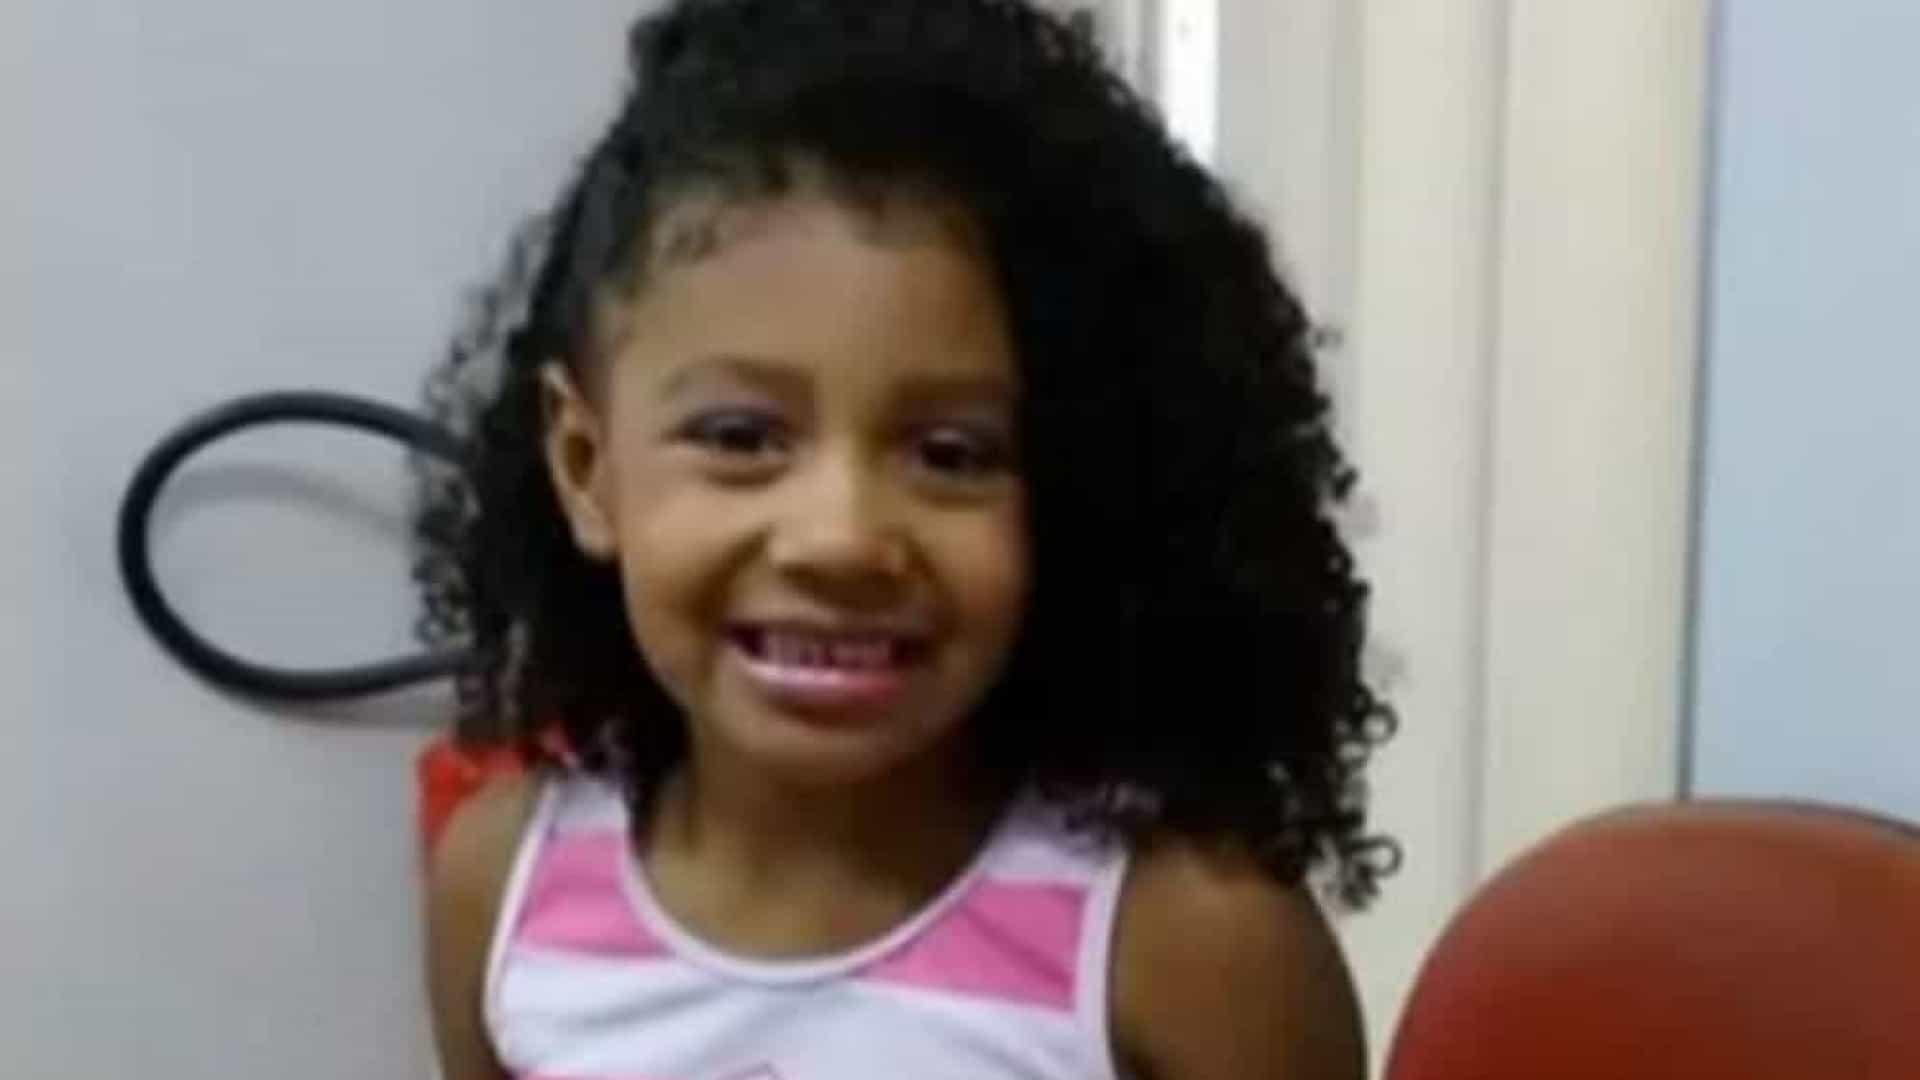 naom 5d8776c114fda - CASO ÁGHATA: Laudo de peritos dificulta identificação e punição de assassino da menina